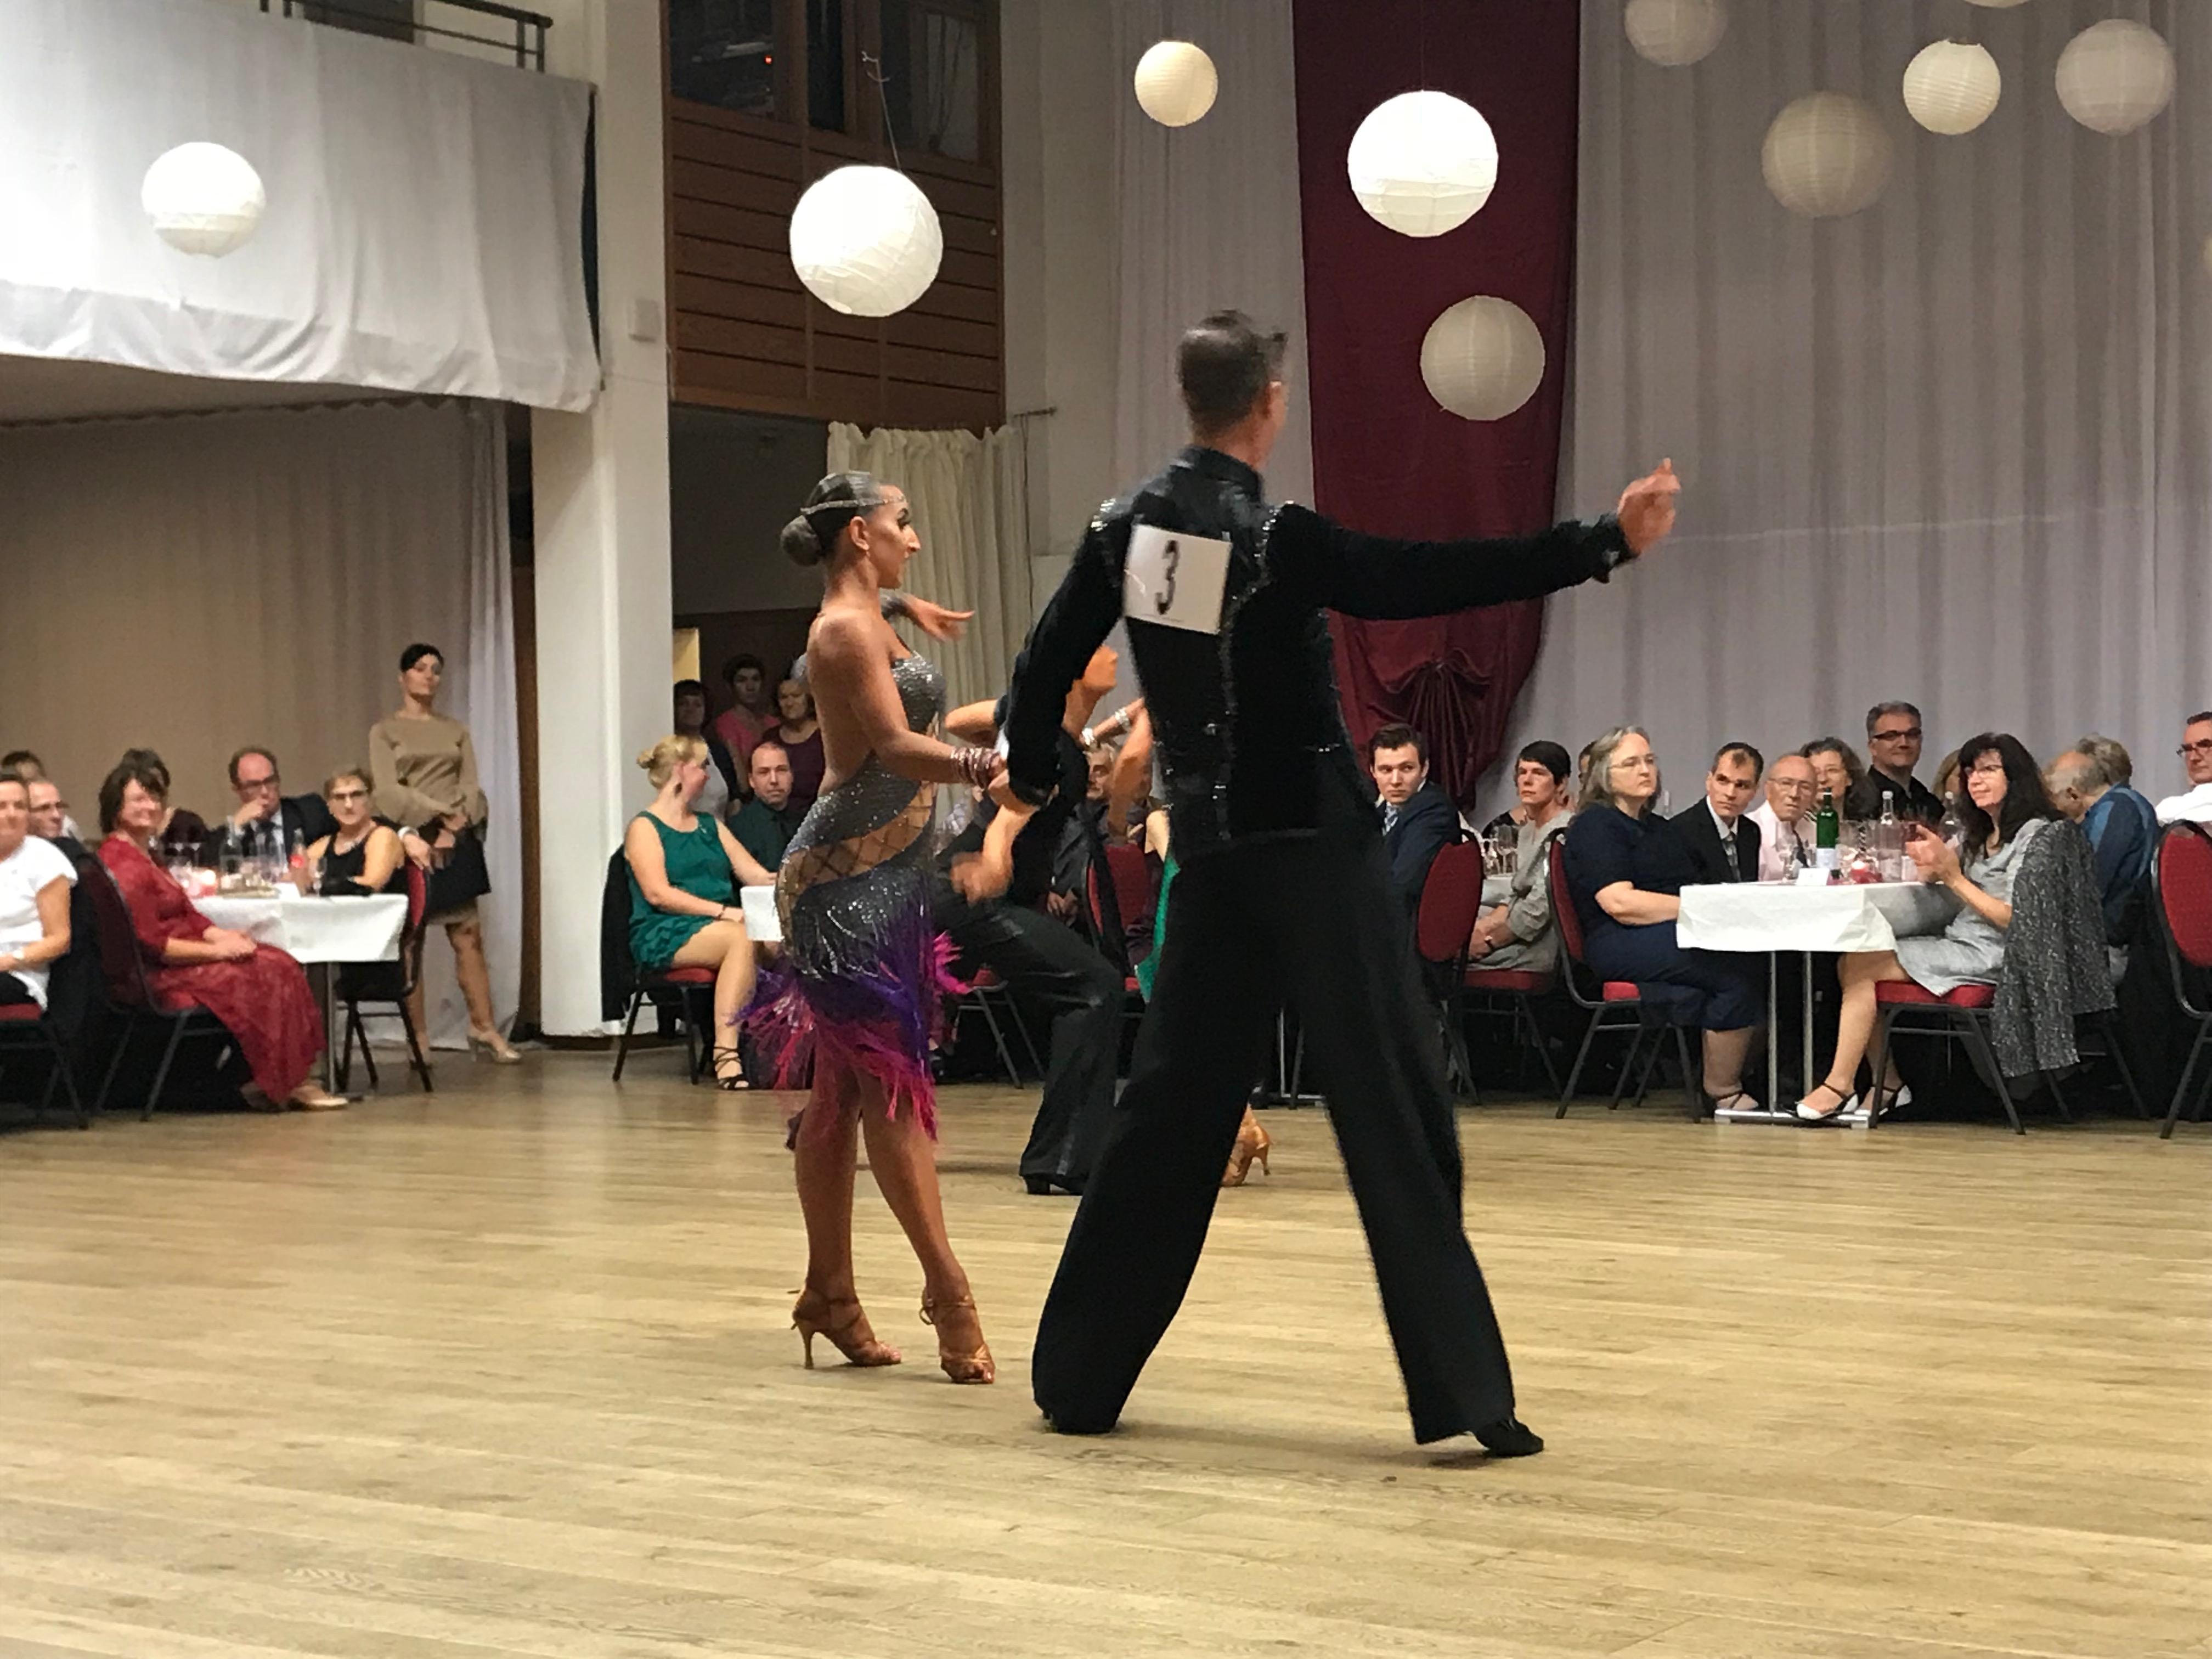 Herbstball zum 30-jährigen Jubiläum des Tanzkreises